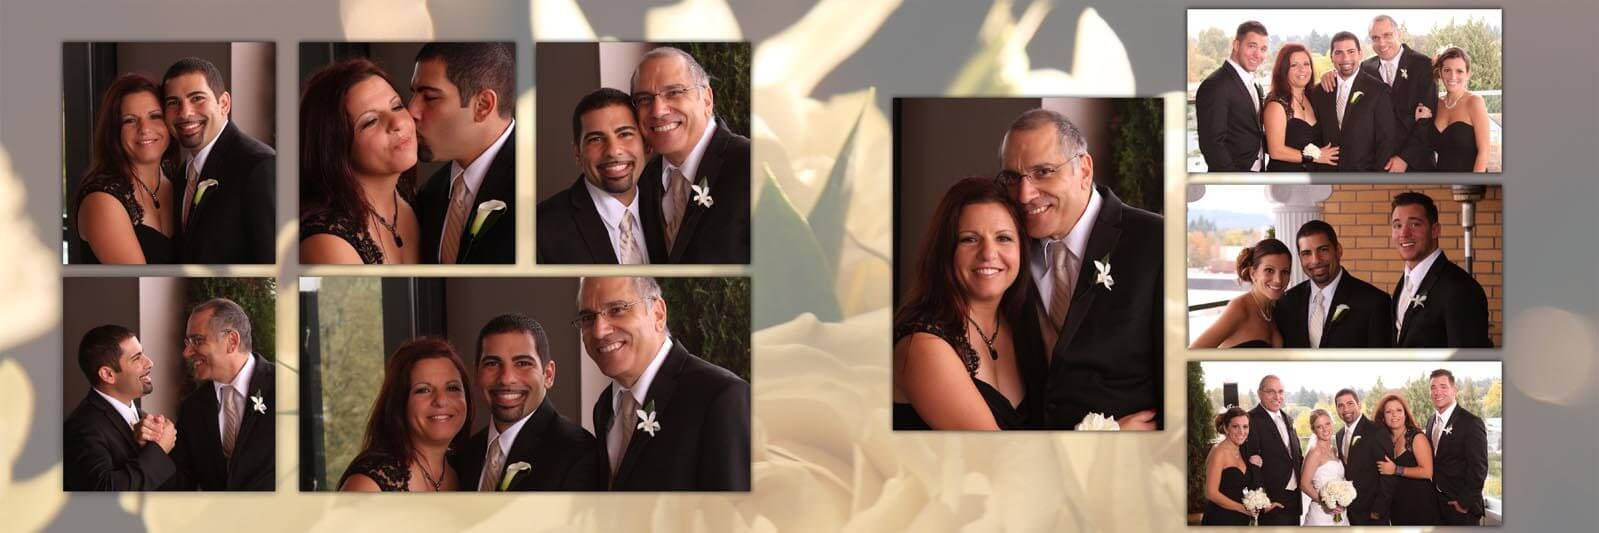 The-Vue-Indoor-Wedding-Venue-Corvallis-Oregon-wedding-photographers026-027.jpg